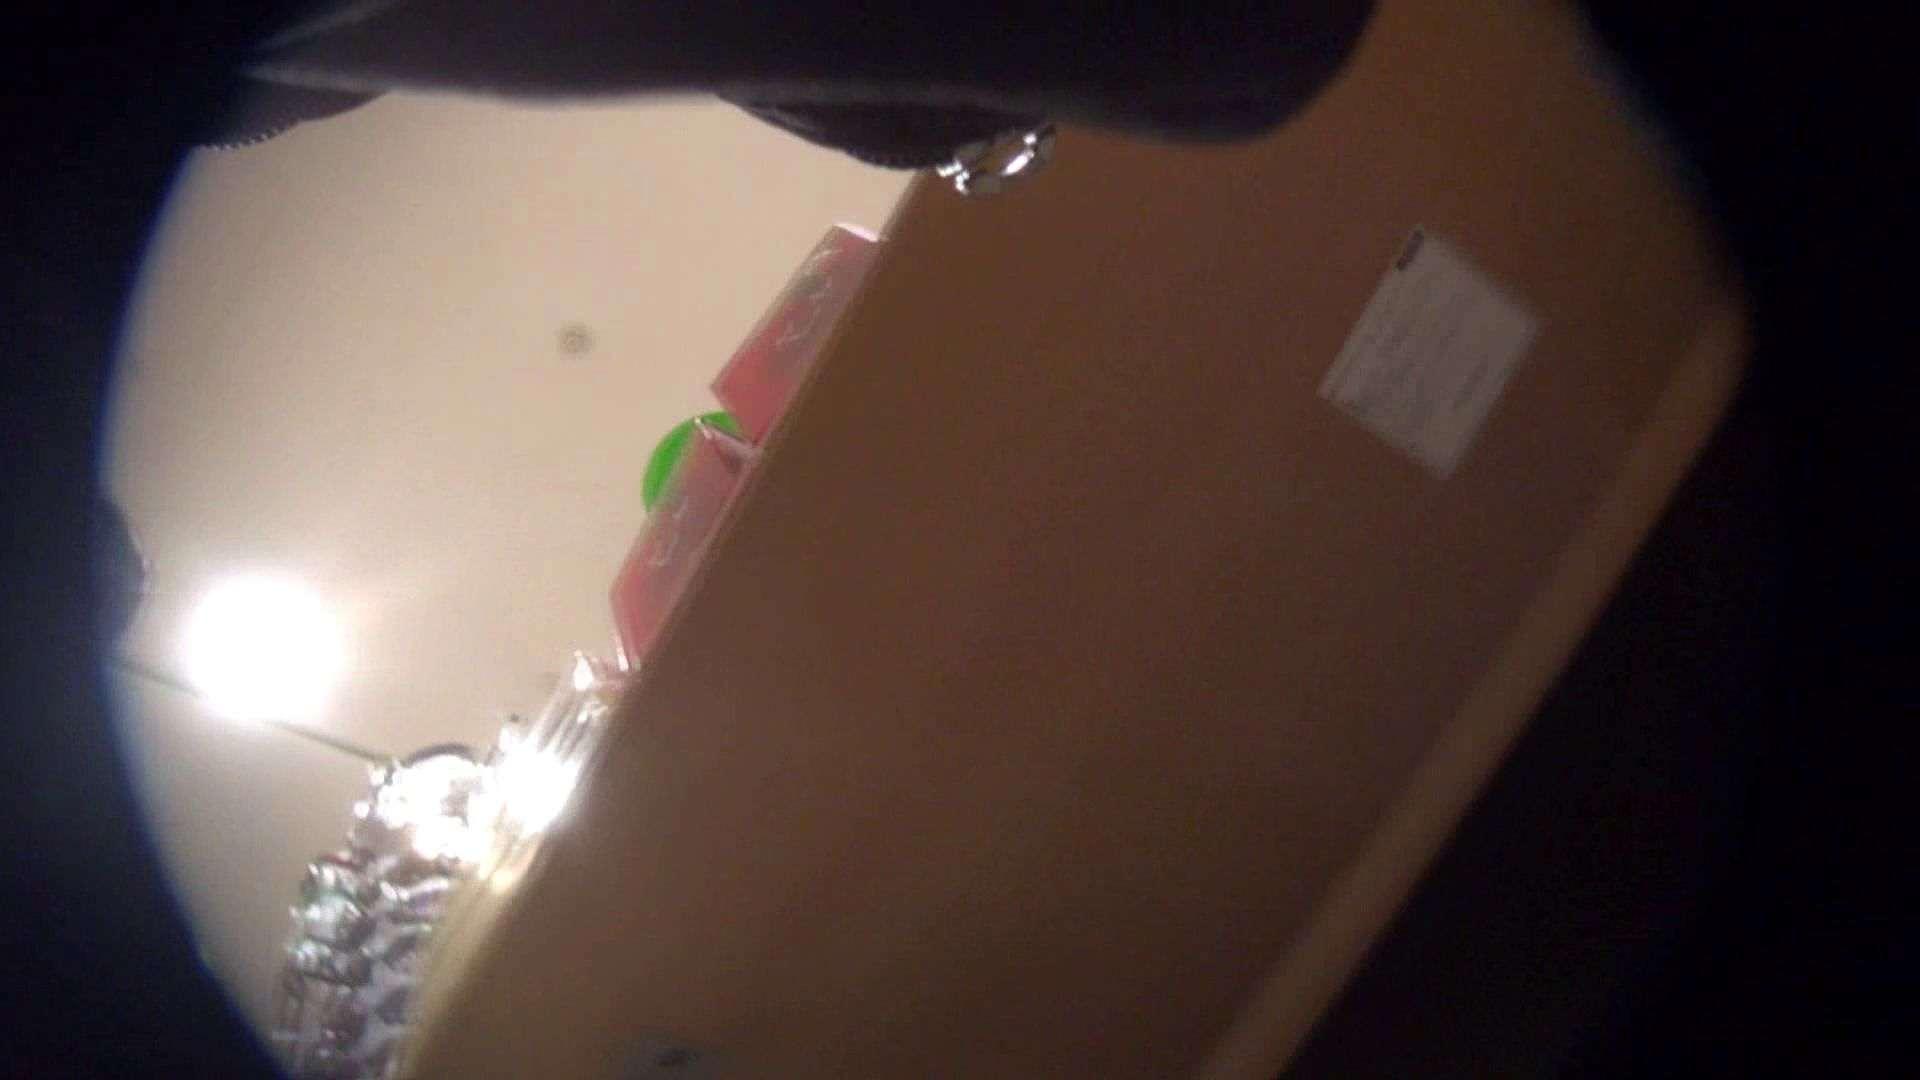 (FHD)ドリーム★アングルさんの逆さの極意 VOL.02 パンスト すけべAV動画紹介 107画像 74